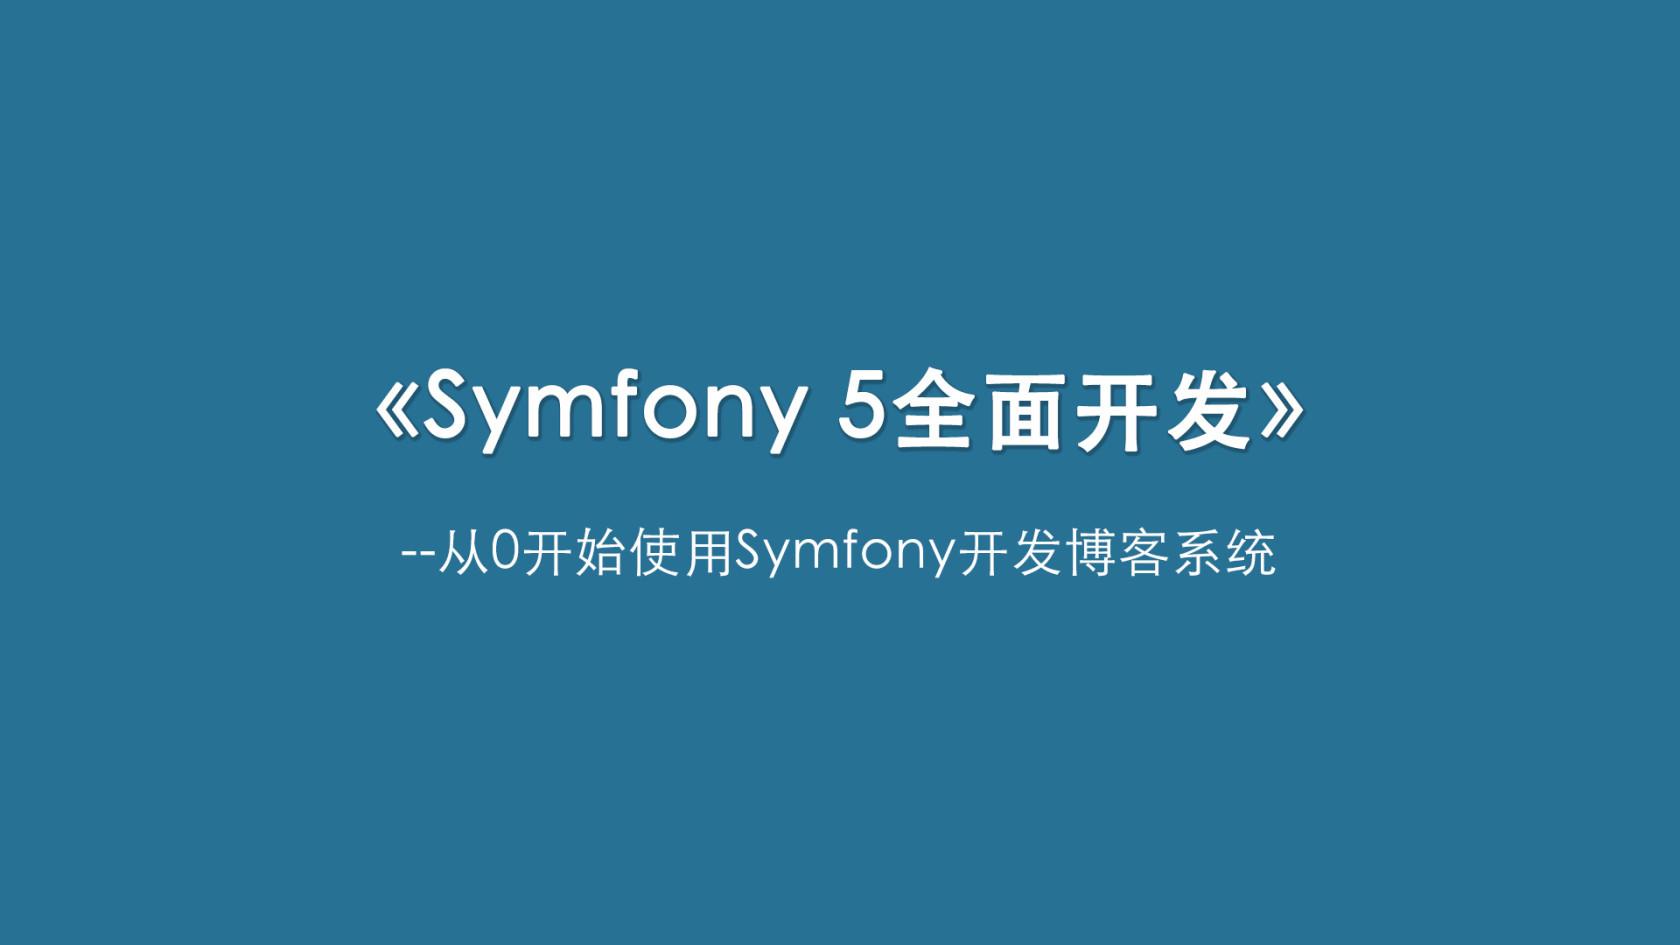 Symfony 5全面开发